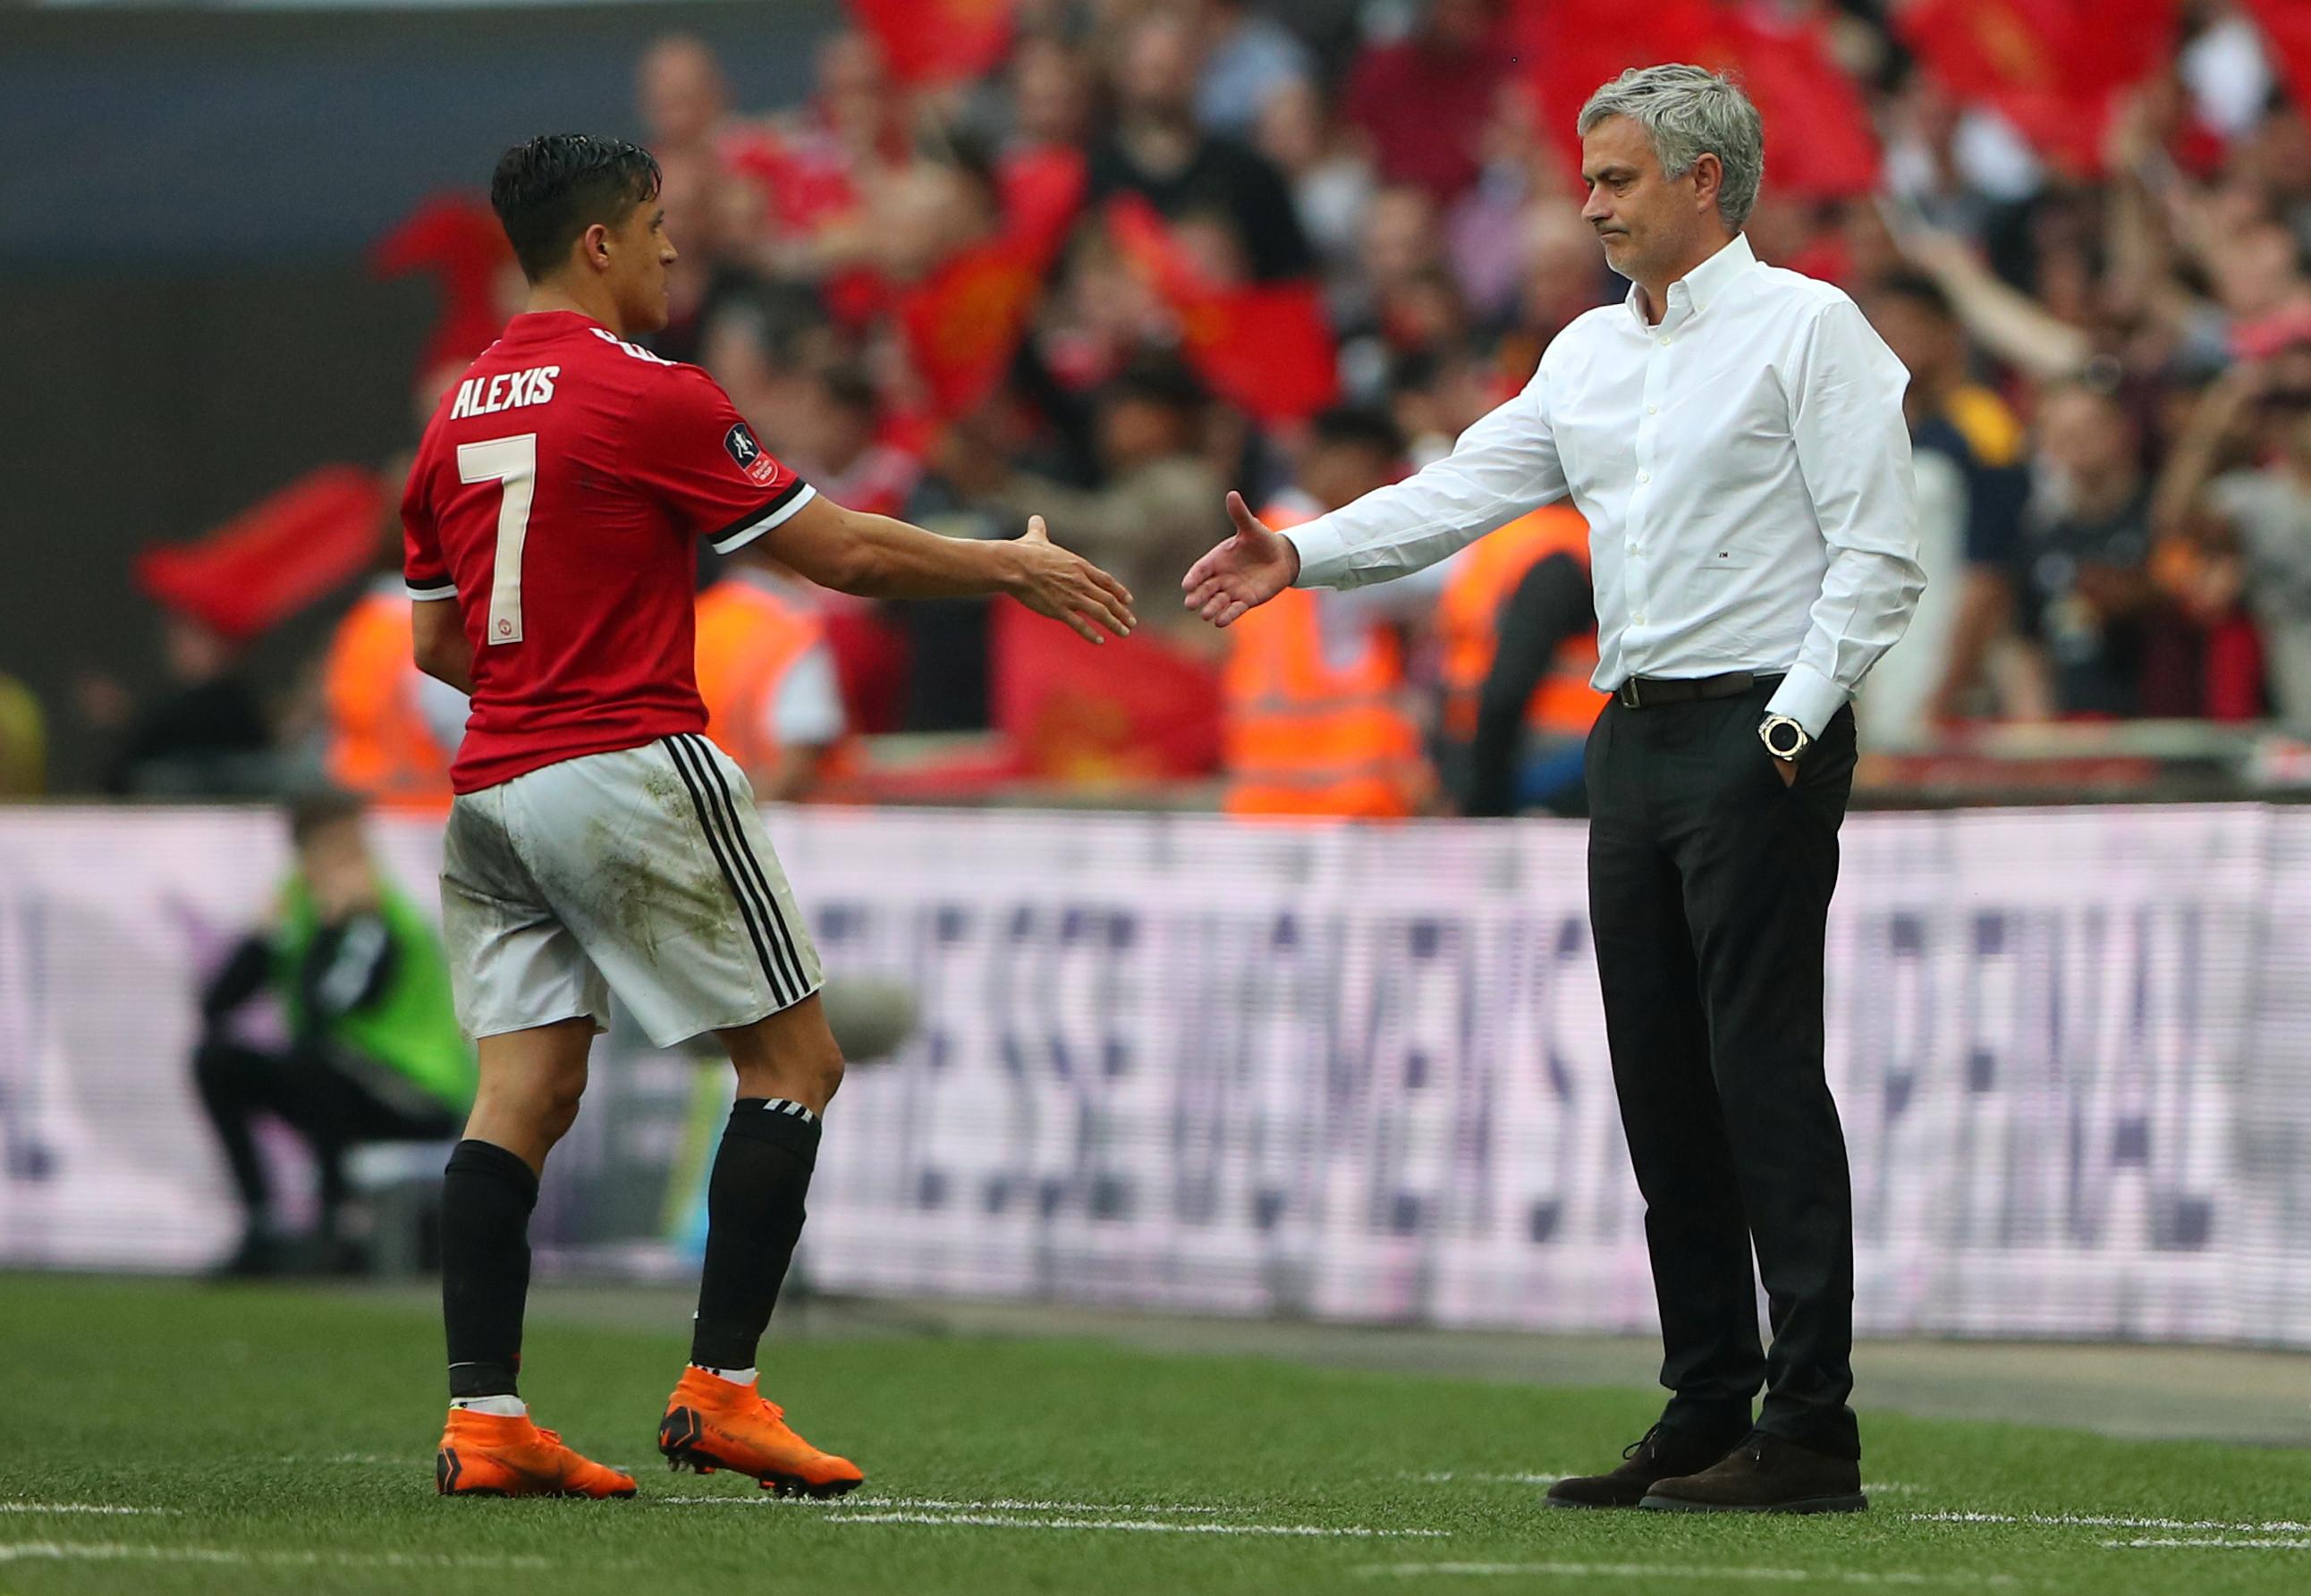 O que mudou após a saída de Mourinho? Sánchez explica isso numa palavra